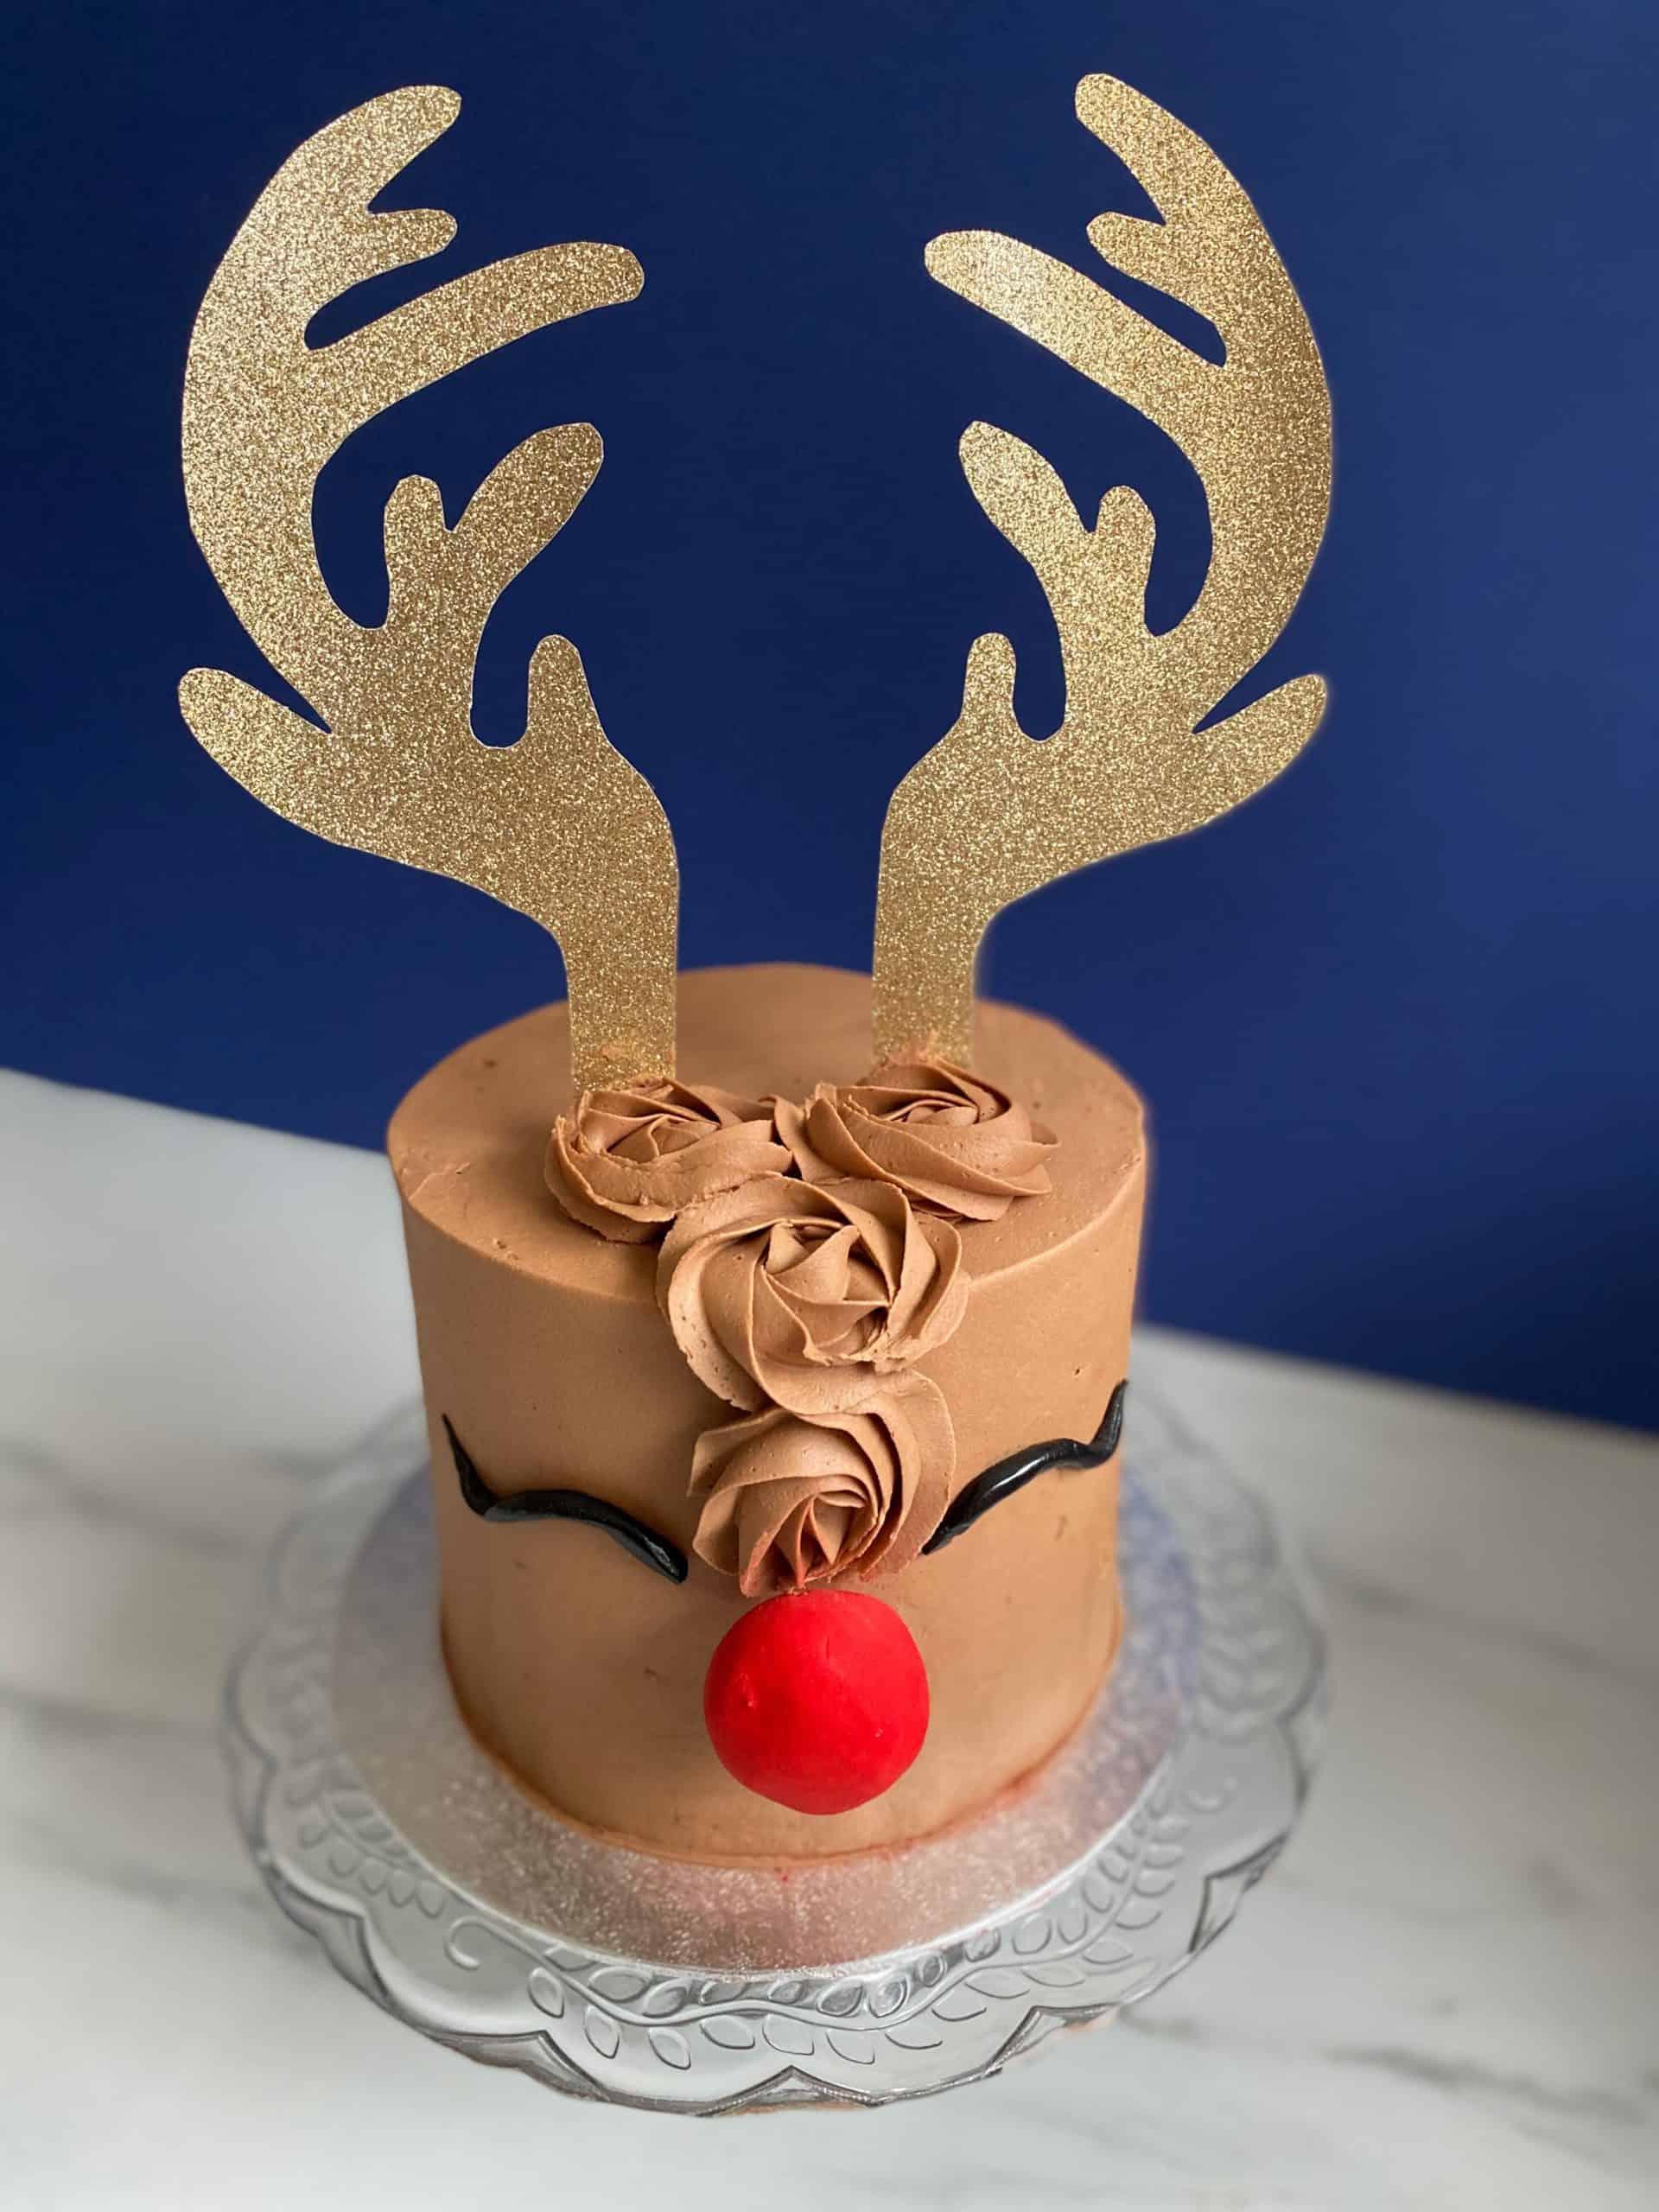 Chocolate Christmas Rudolph Cake